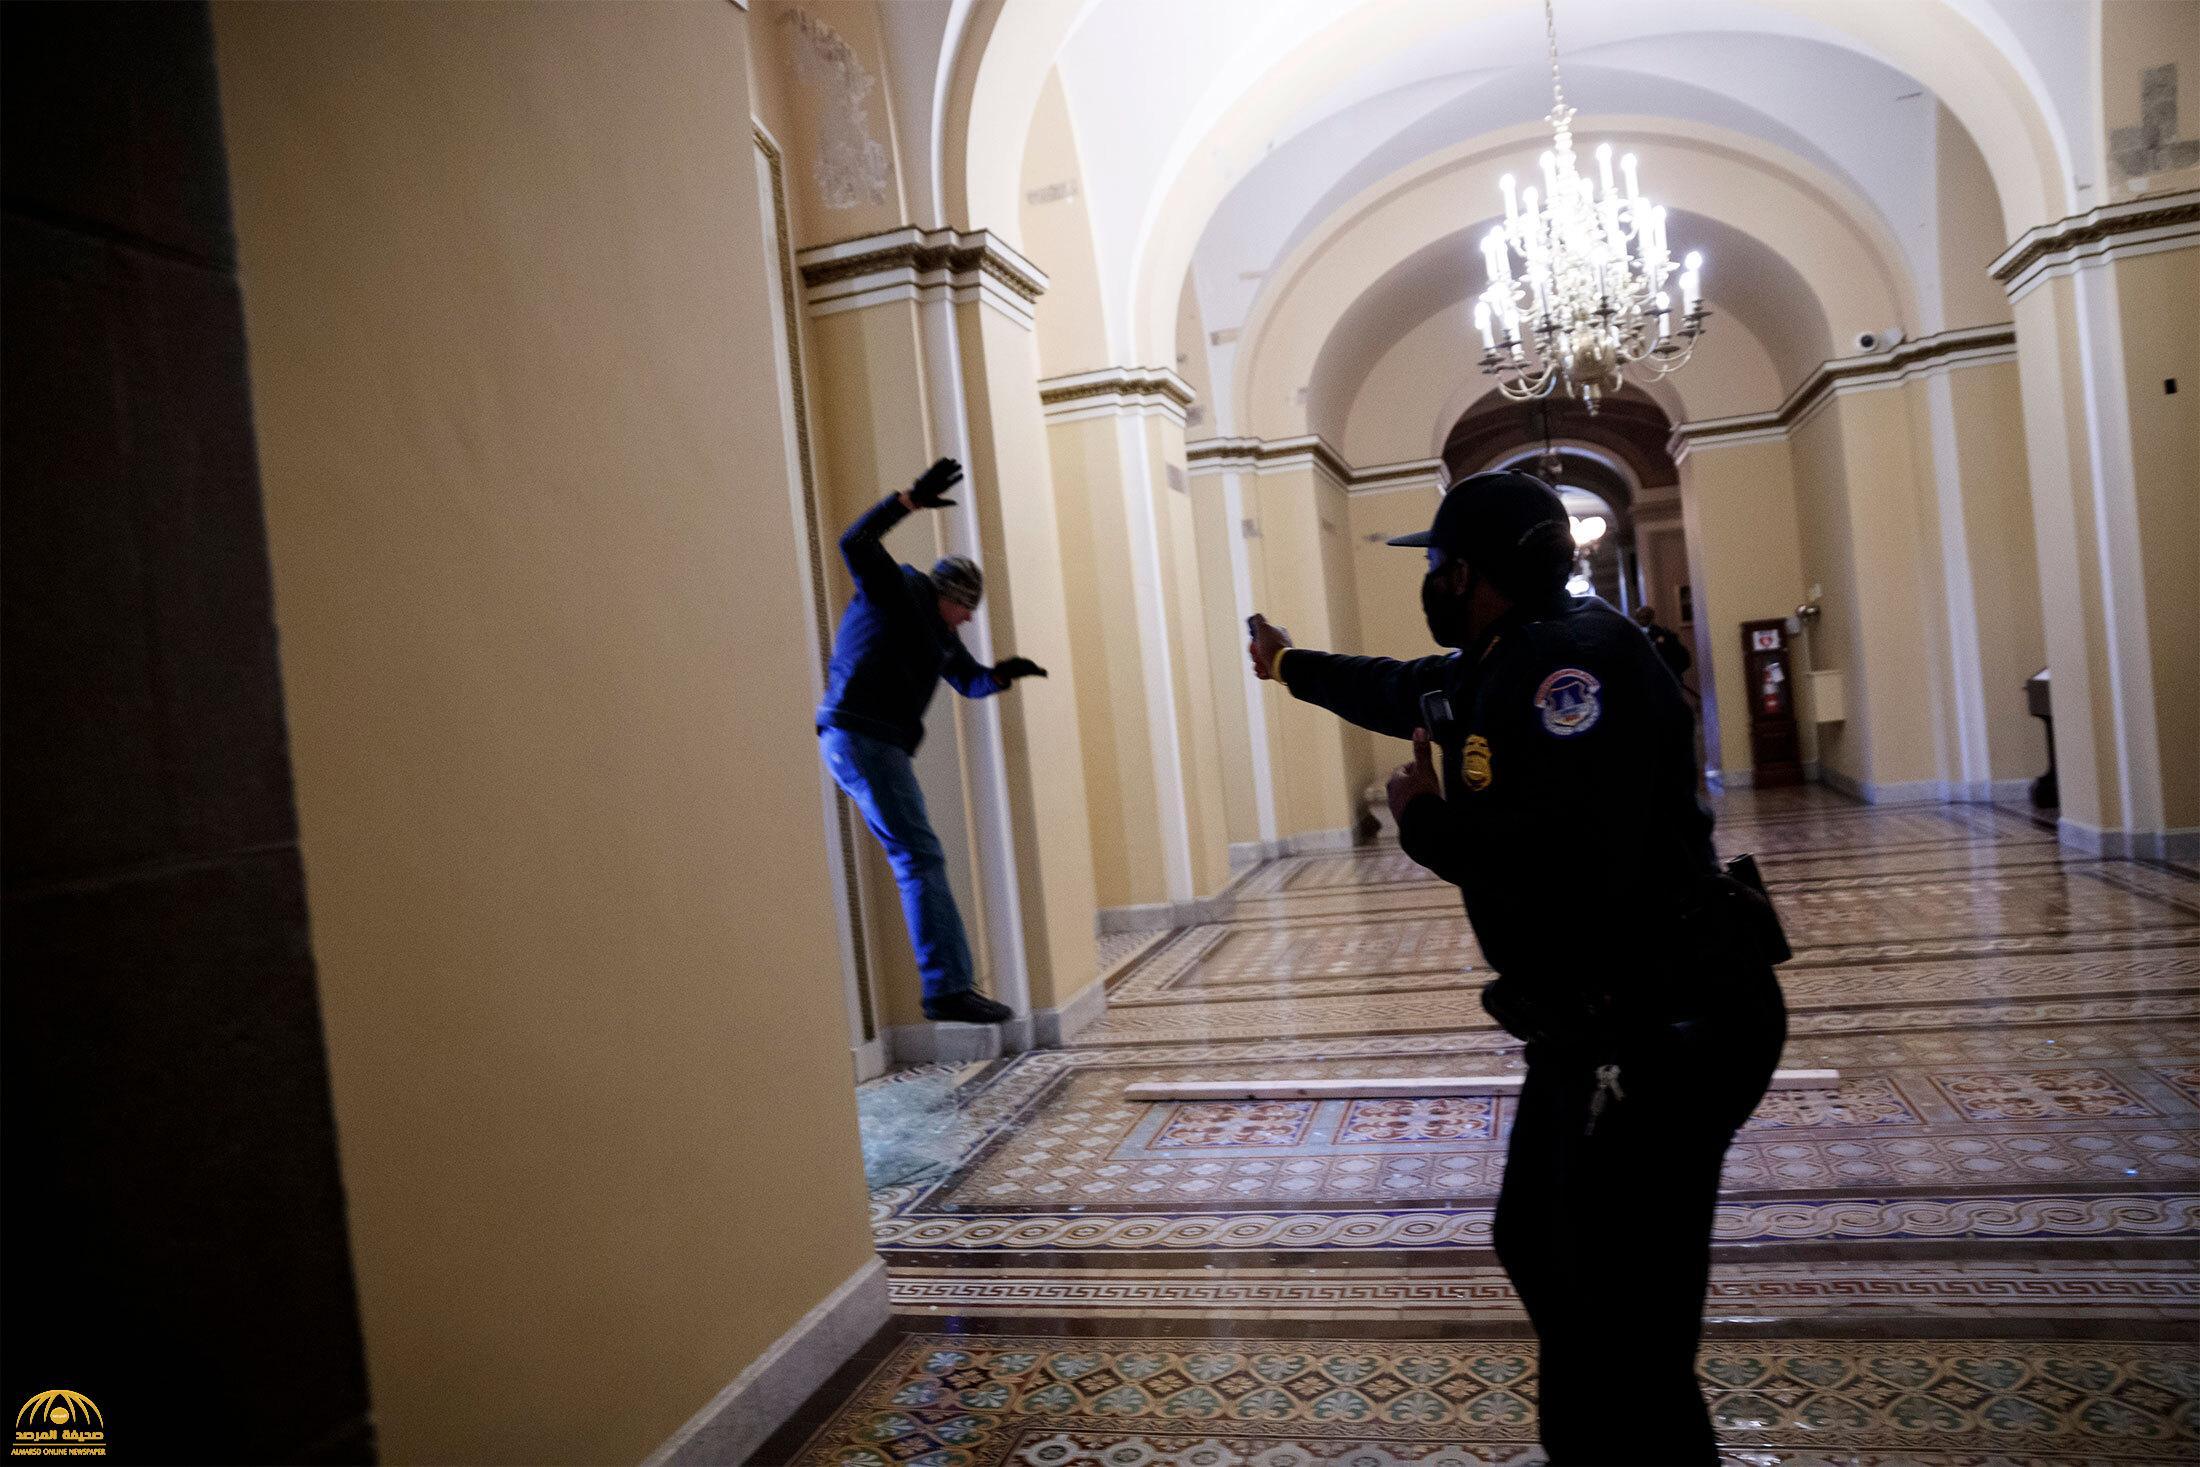 اقتحام مبنى الكونجرس واشتباكات بين أنصار ترامب والأمن وفرض حظر التجوال في واشنطن 4